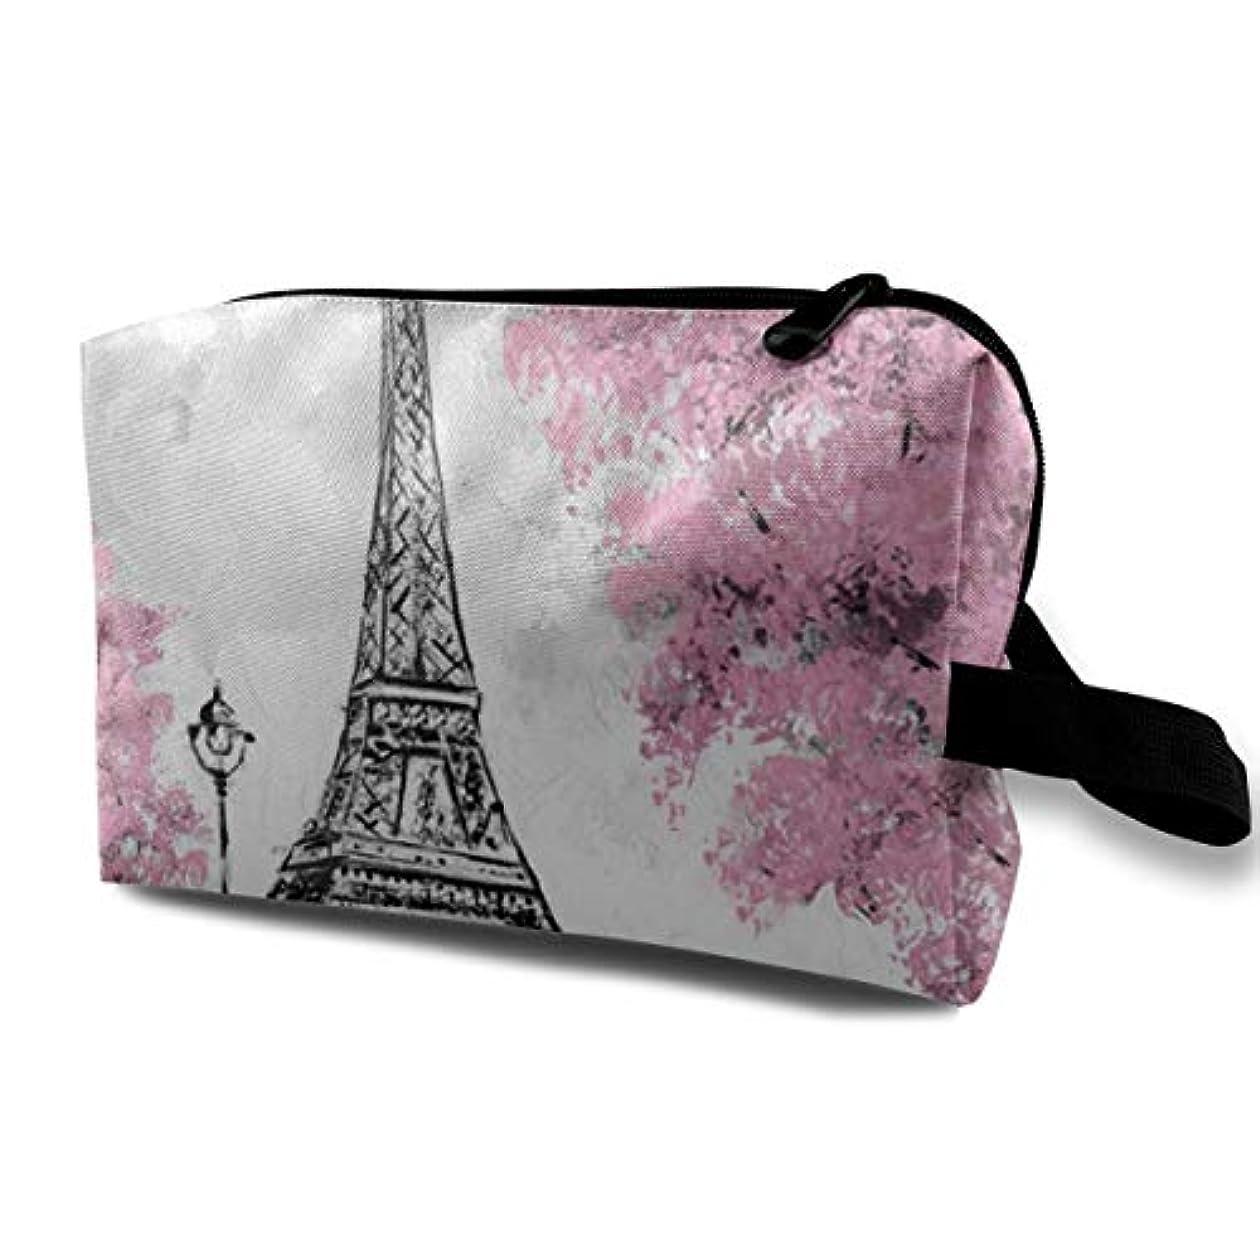 ビルダー隣接成人期Pink Oil Painting Paris 収納ポーチ 化粧ポーチ 大容量 軽量 耐久性 ハンドル付持ち運び便利。入れ 自宅?出張?旅行?アウトドア撮影などに対応。メンズ レディース トラベルグッズ